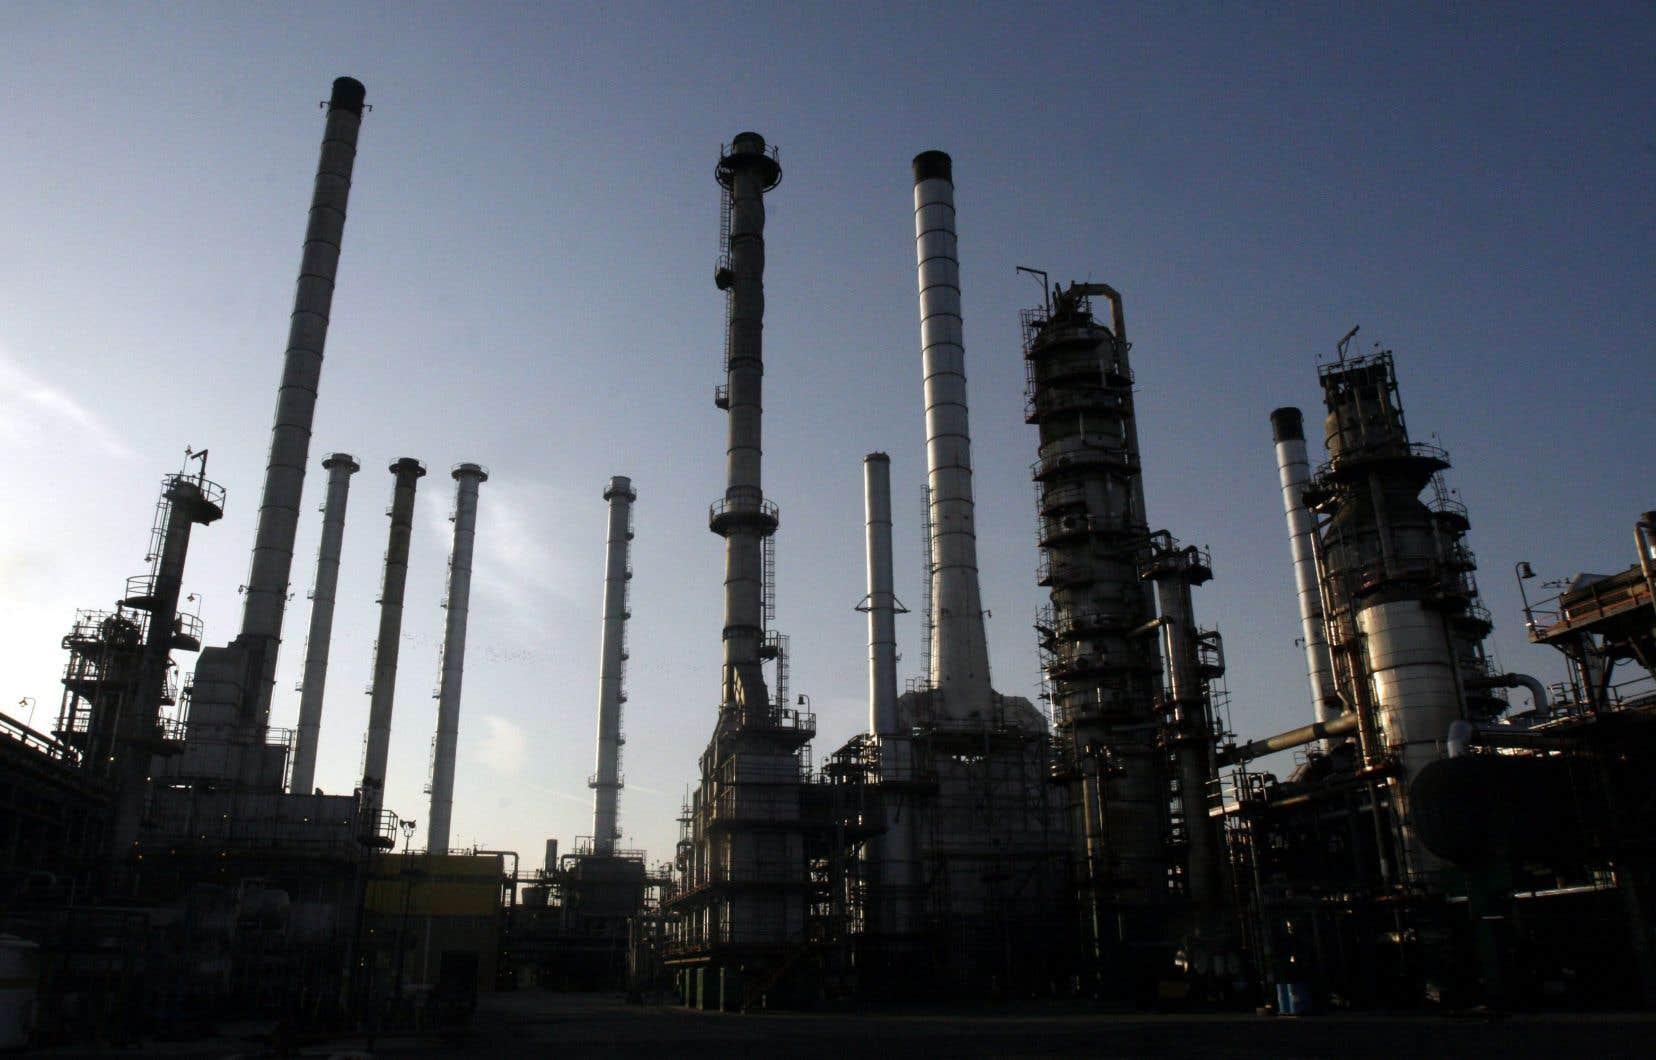 Selon les États-Unis, la PGPIC et ses filiales représentent 40% de la capacité de production pétrochimique iranienne et 50% des exportations du secteur, alors que le pétrole et ses dérivés sont la principale source de revenus du régime.